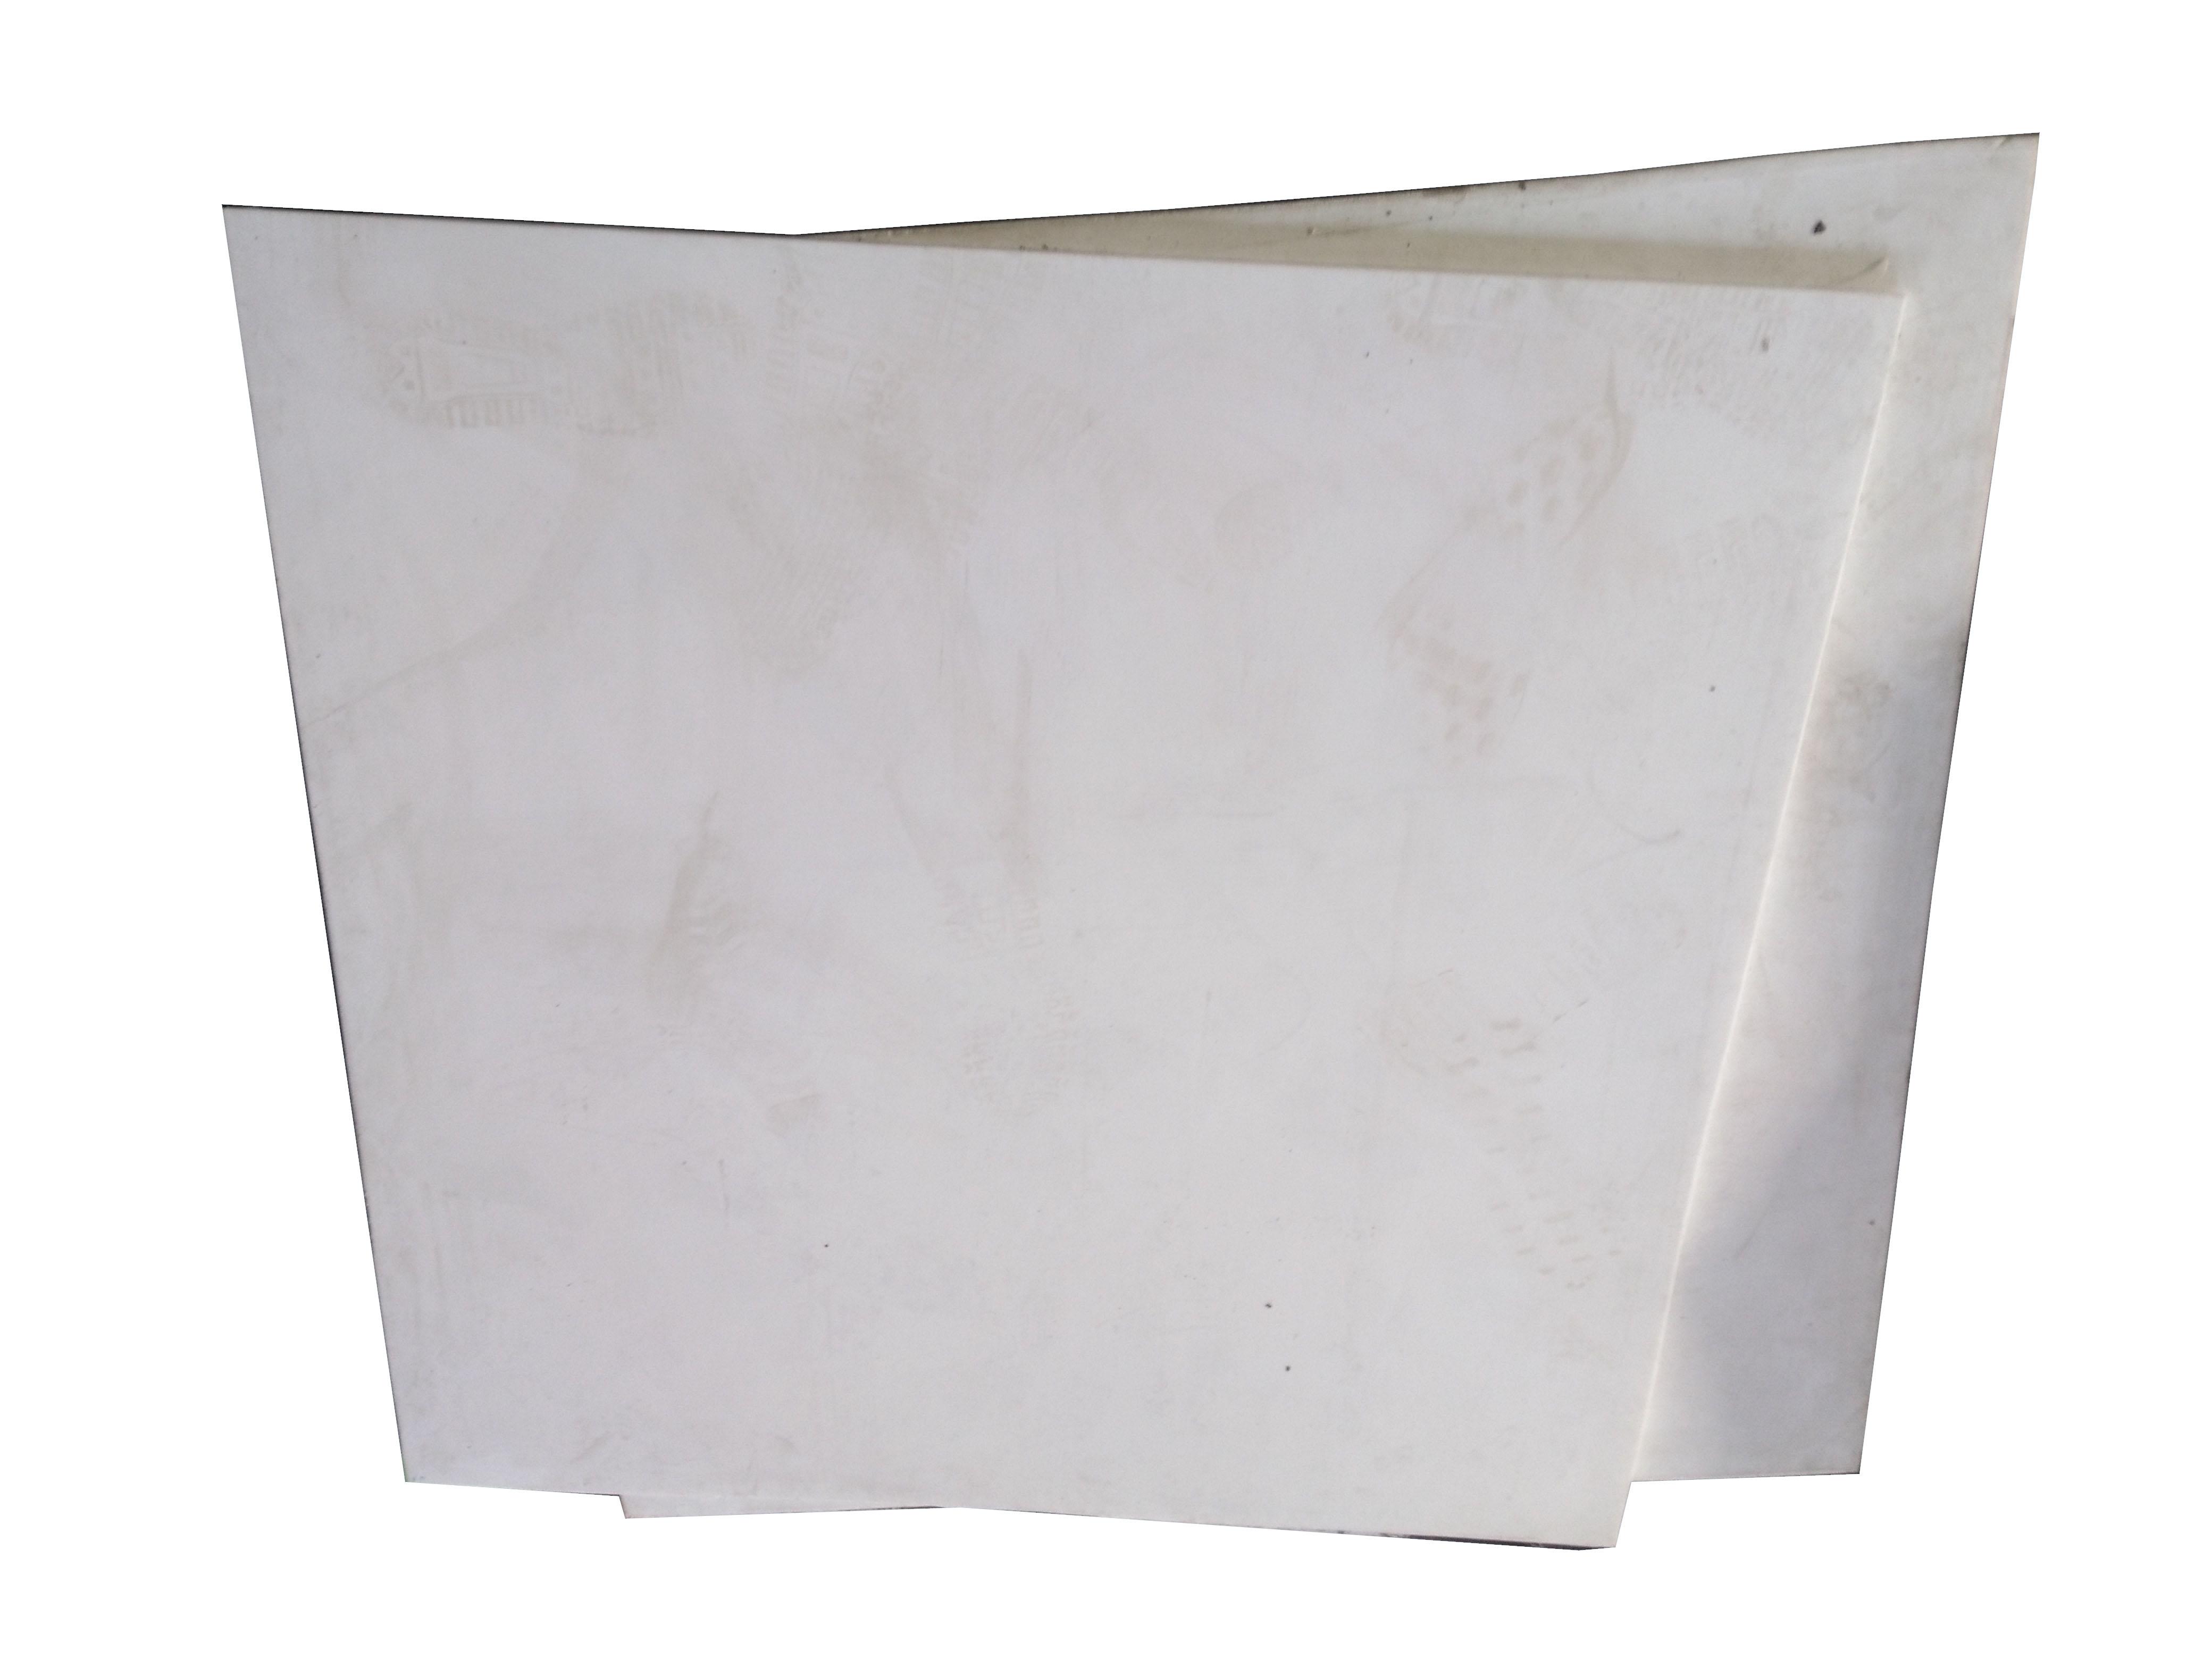 聚四氟乙烯板特征